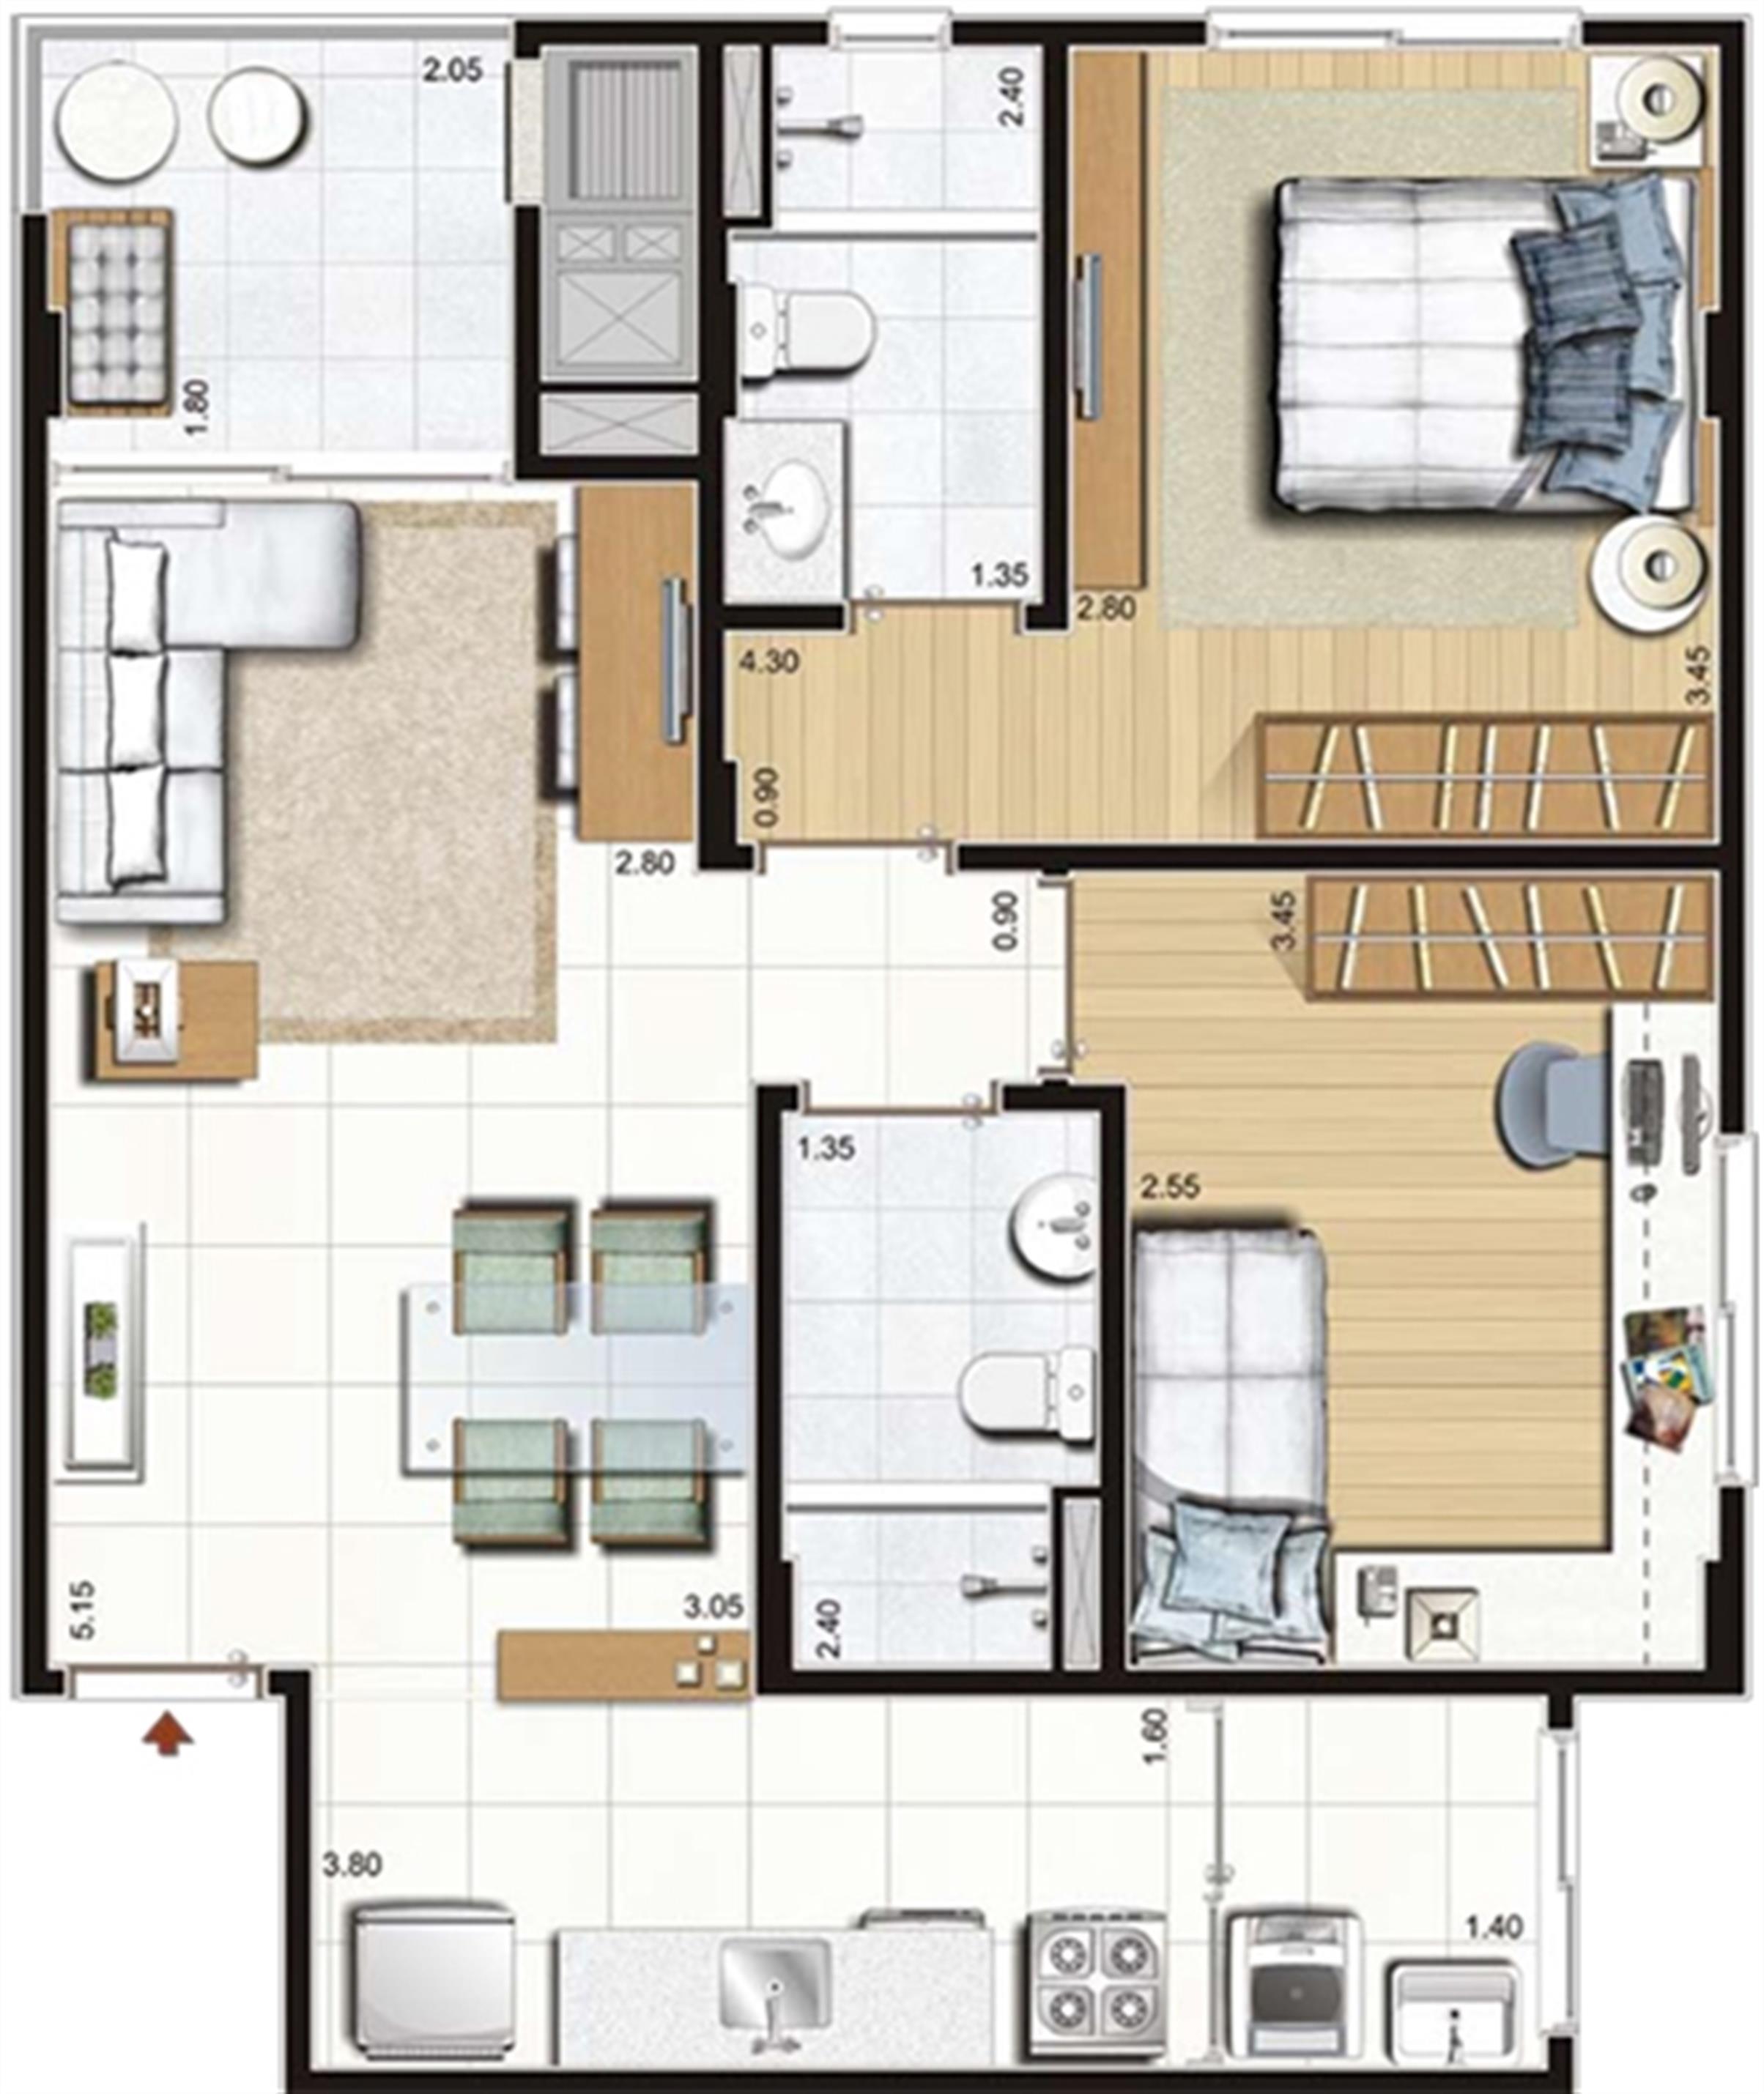 2 dorms. com suíte - 67 m² privativos - 107 m² área total - Torres A, C e D - Final 5 | Cennario Santa Catarina – Apartamento na  Praia Comprida - São José - Santa Catarina